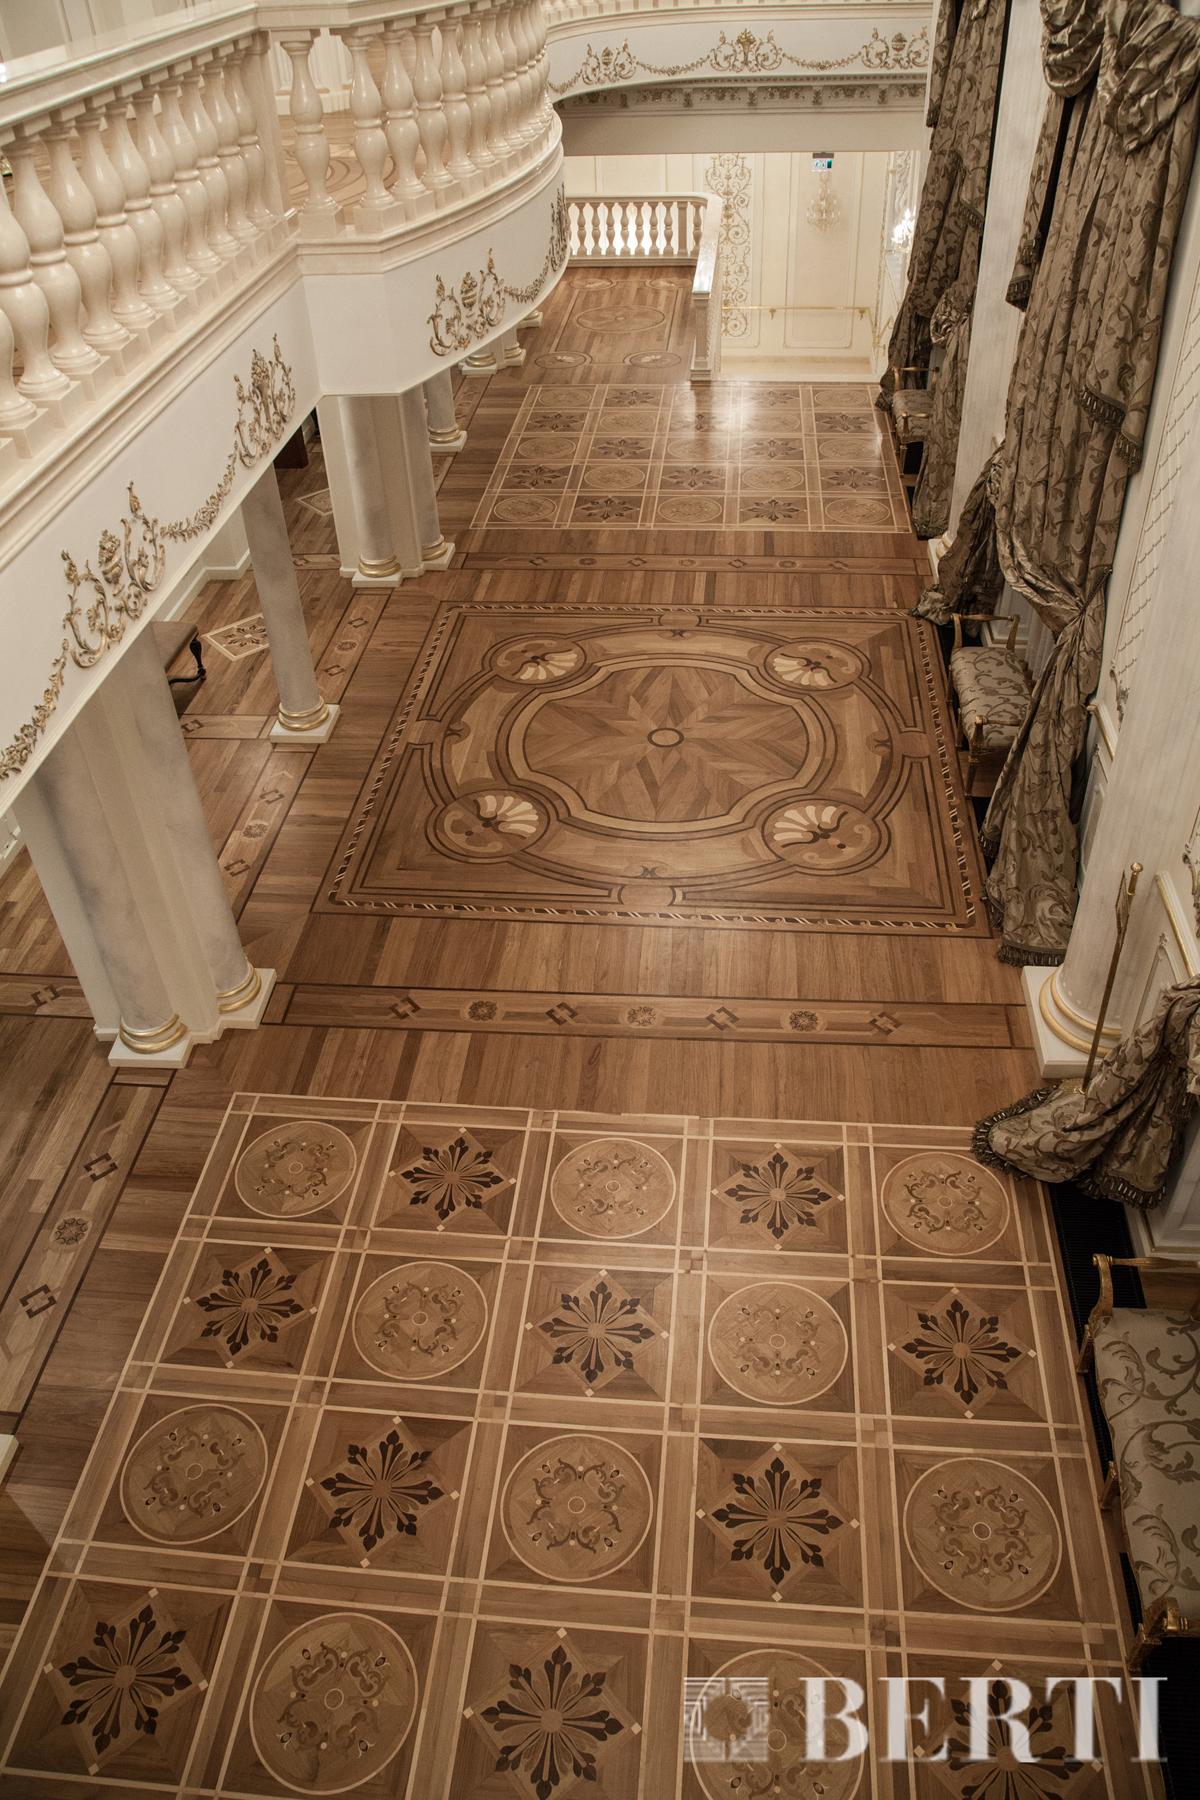 Berti pavimenti legno - National Theatre in Baku